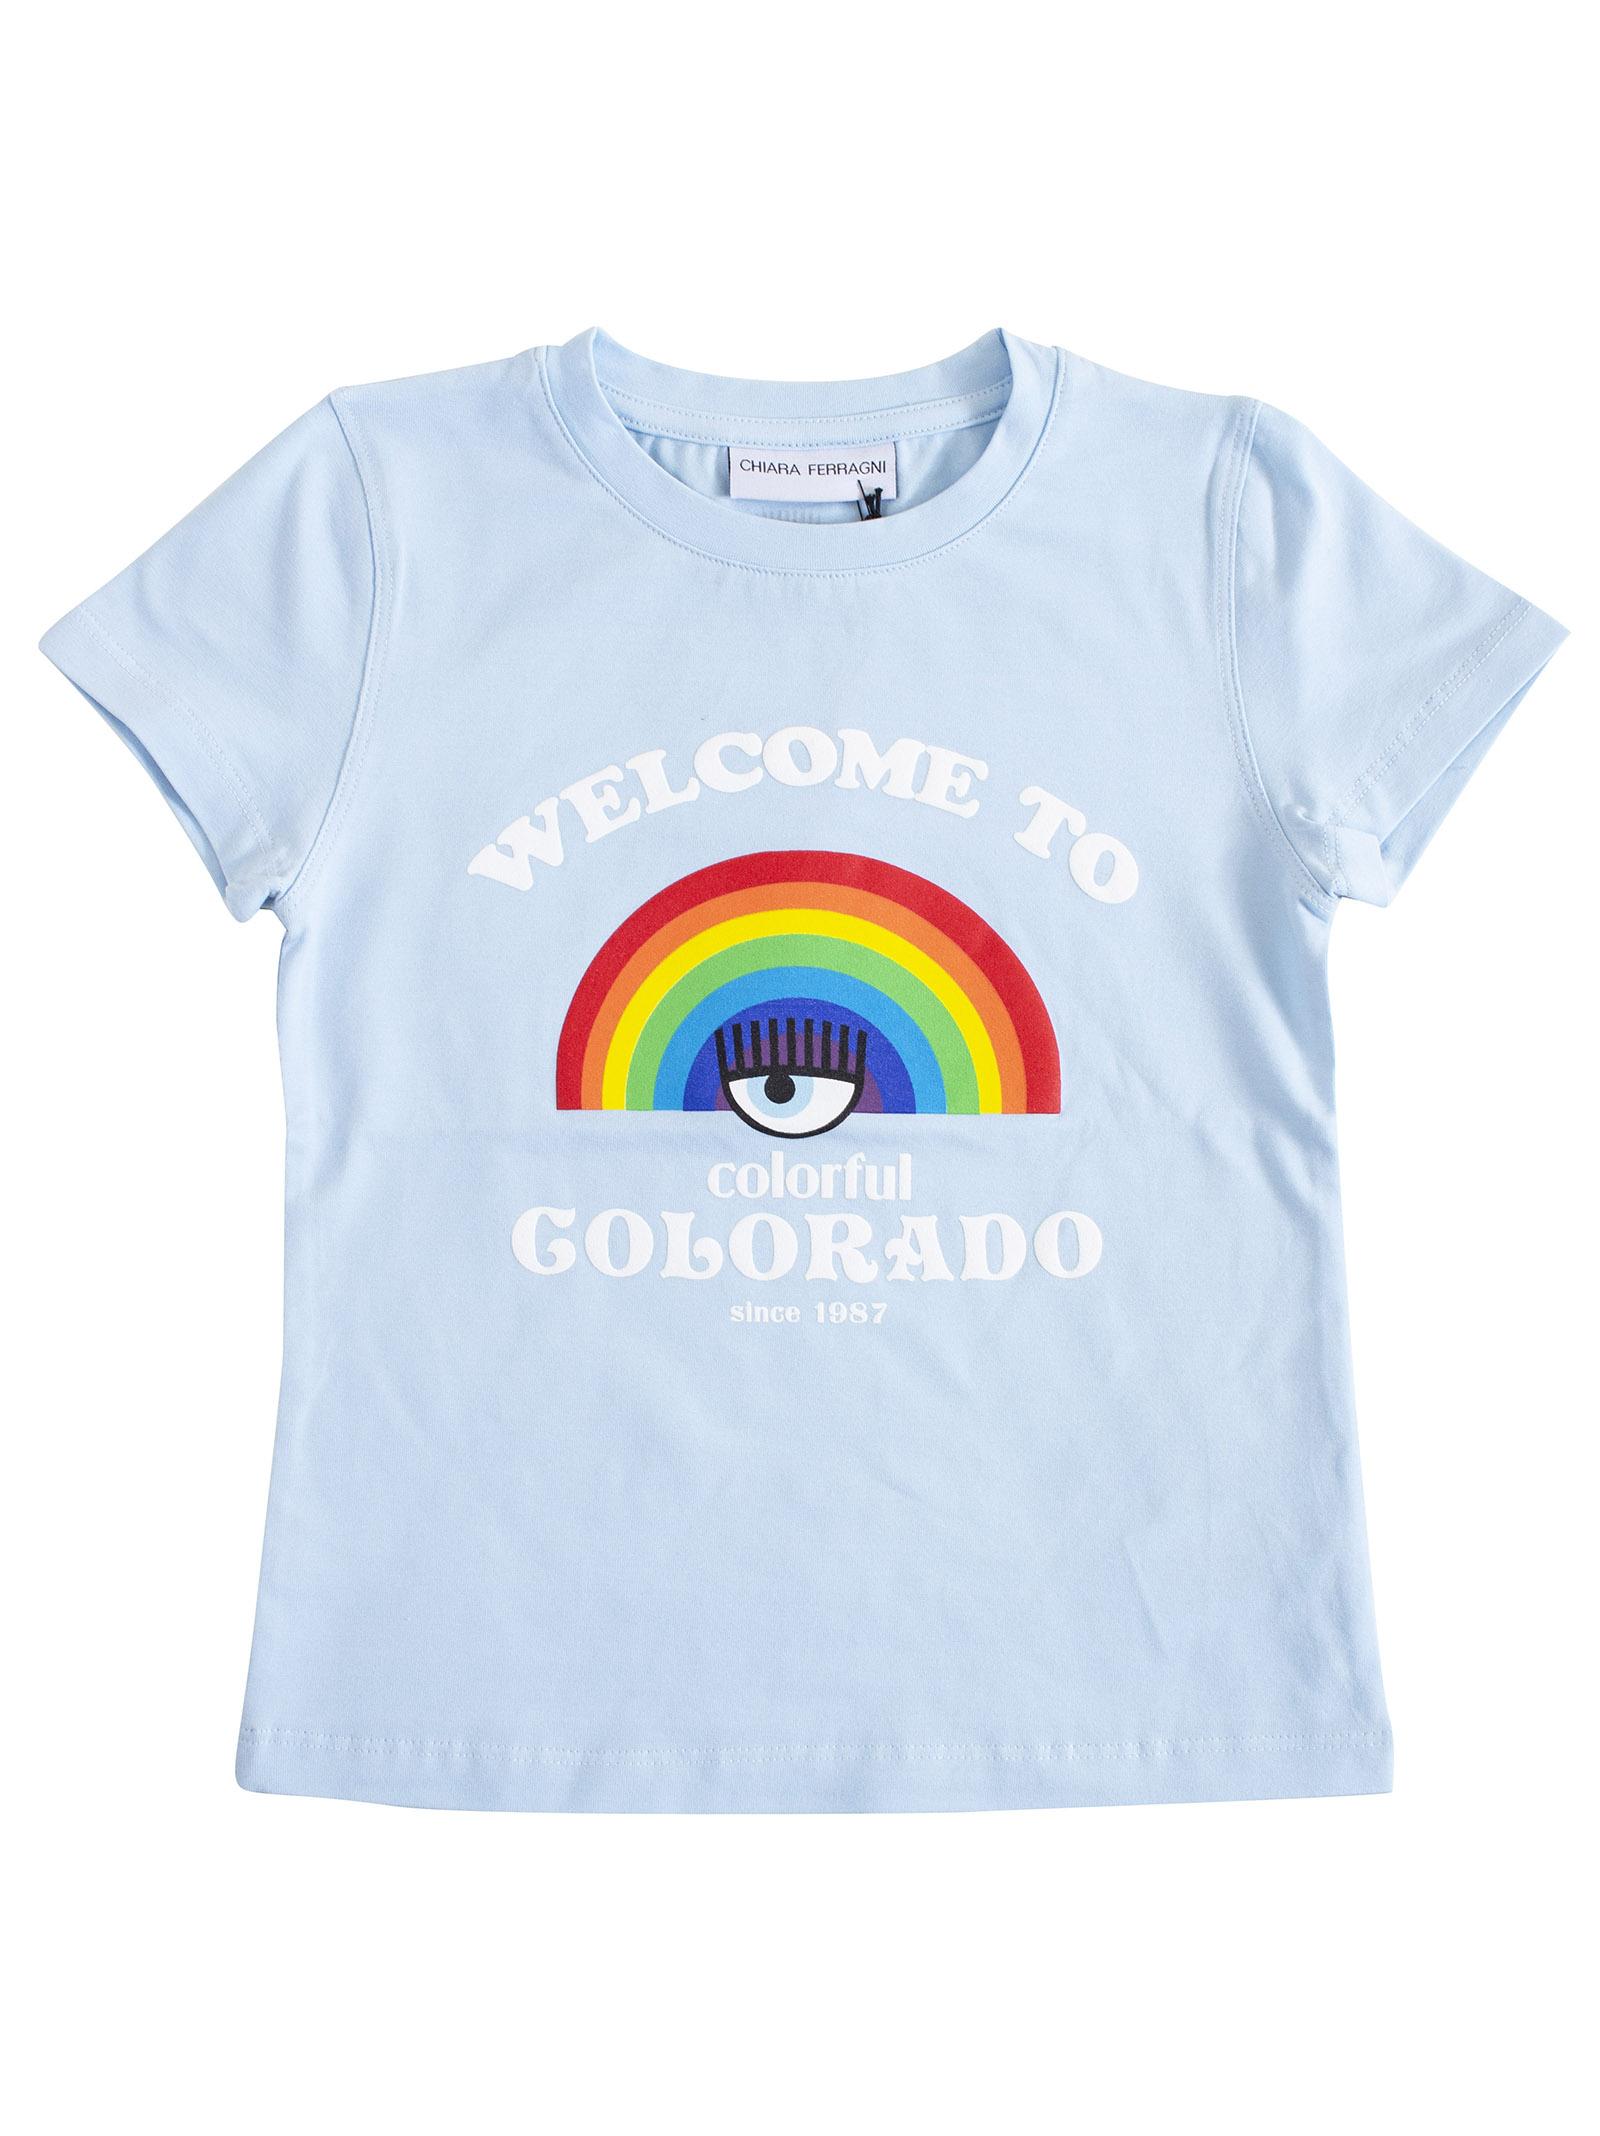 5b56876d5081 HOME / CATEGORIES / CLOTHING / T-SHIRT / GIRL PRINT T-SHIRT /